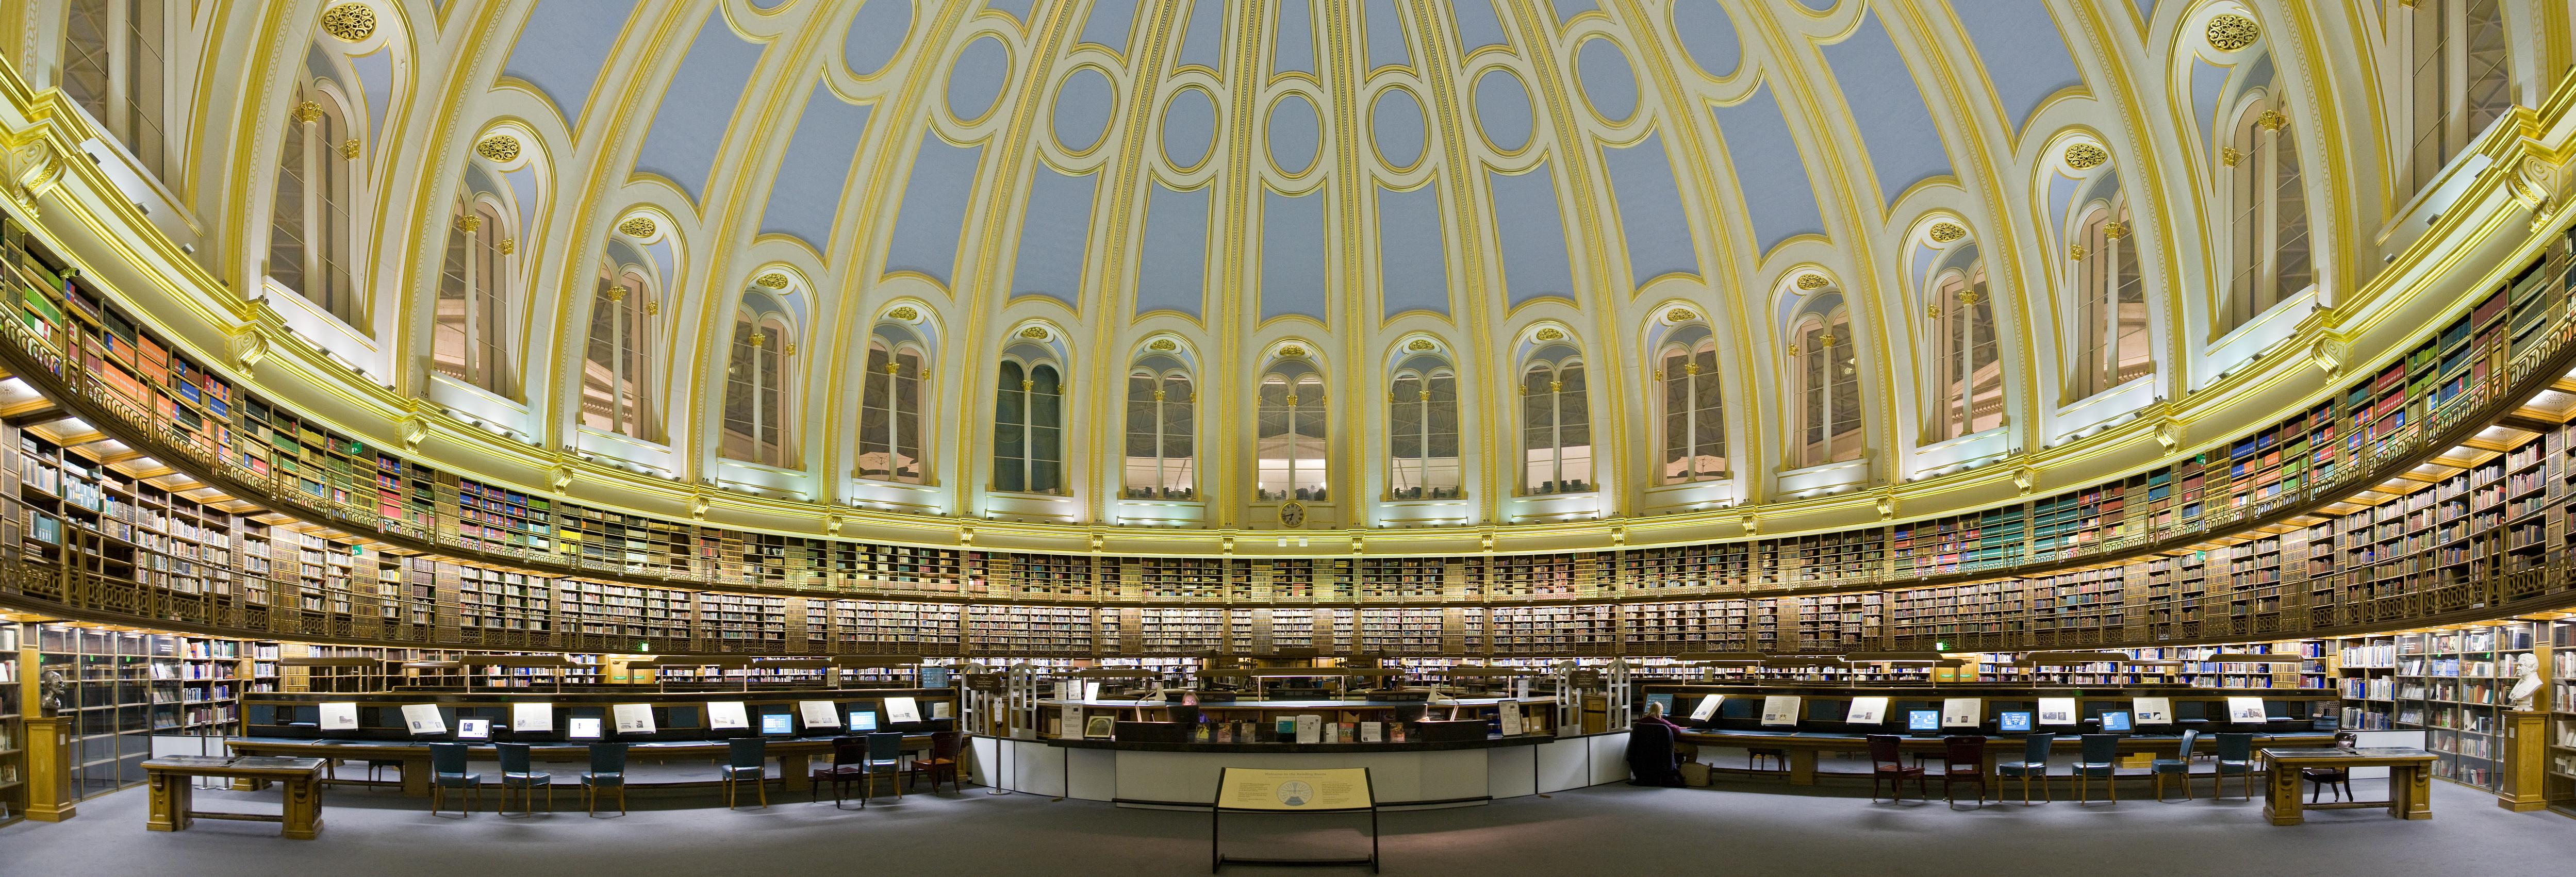 خانهنشینی!!! بازدید از 12 موزه بزرگ دنیا به صورت مجازی